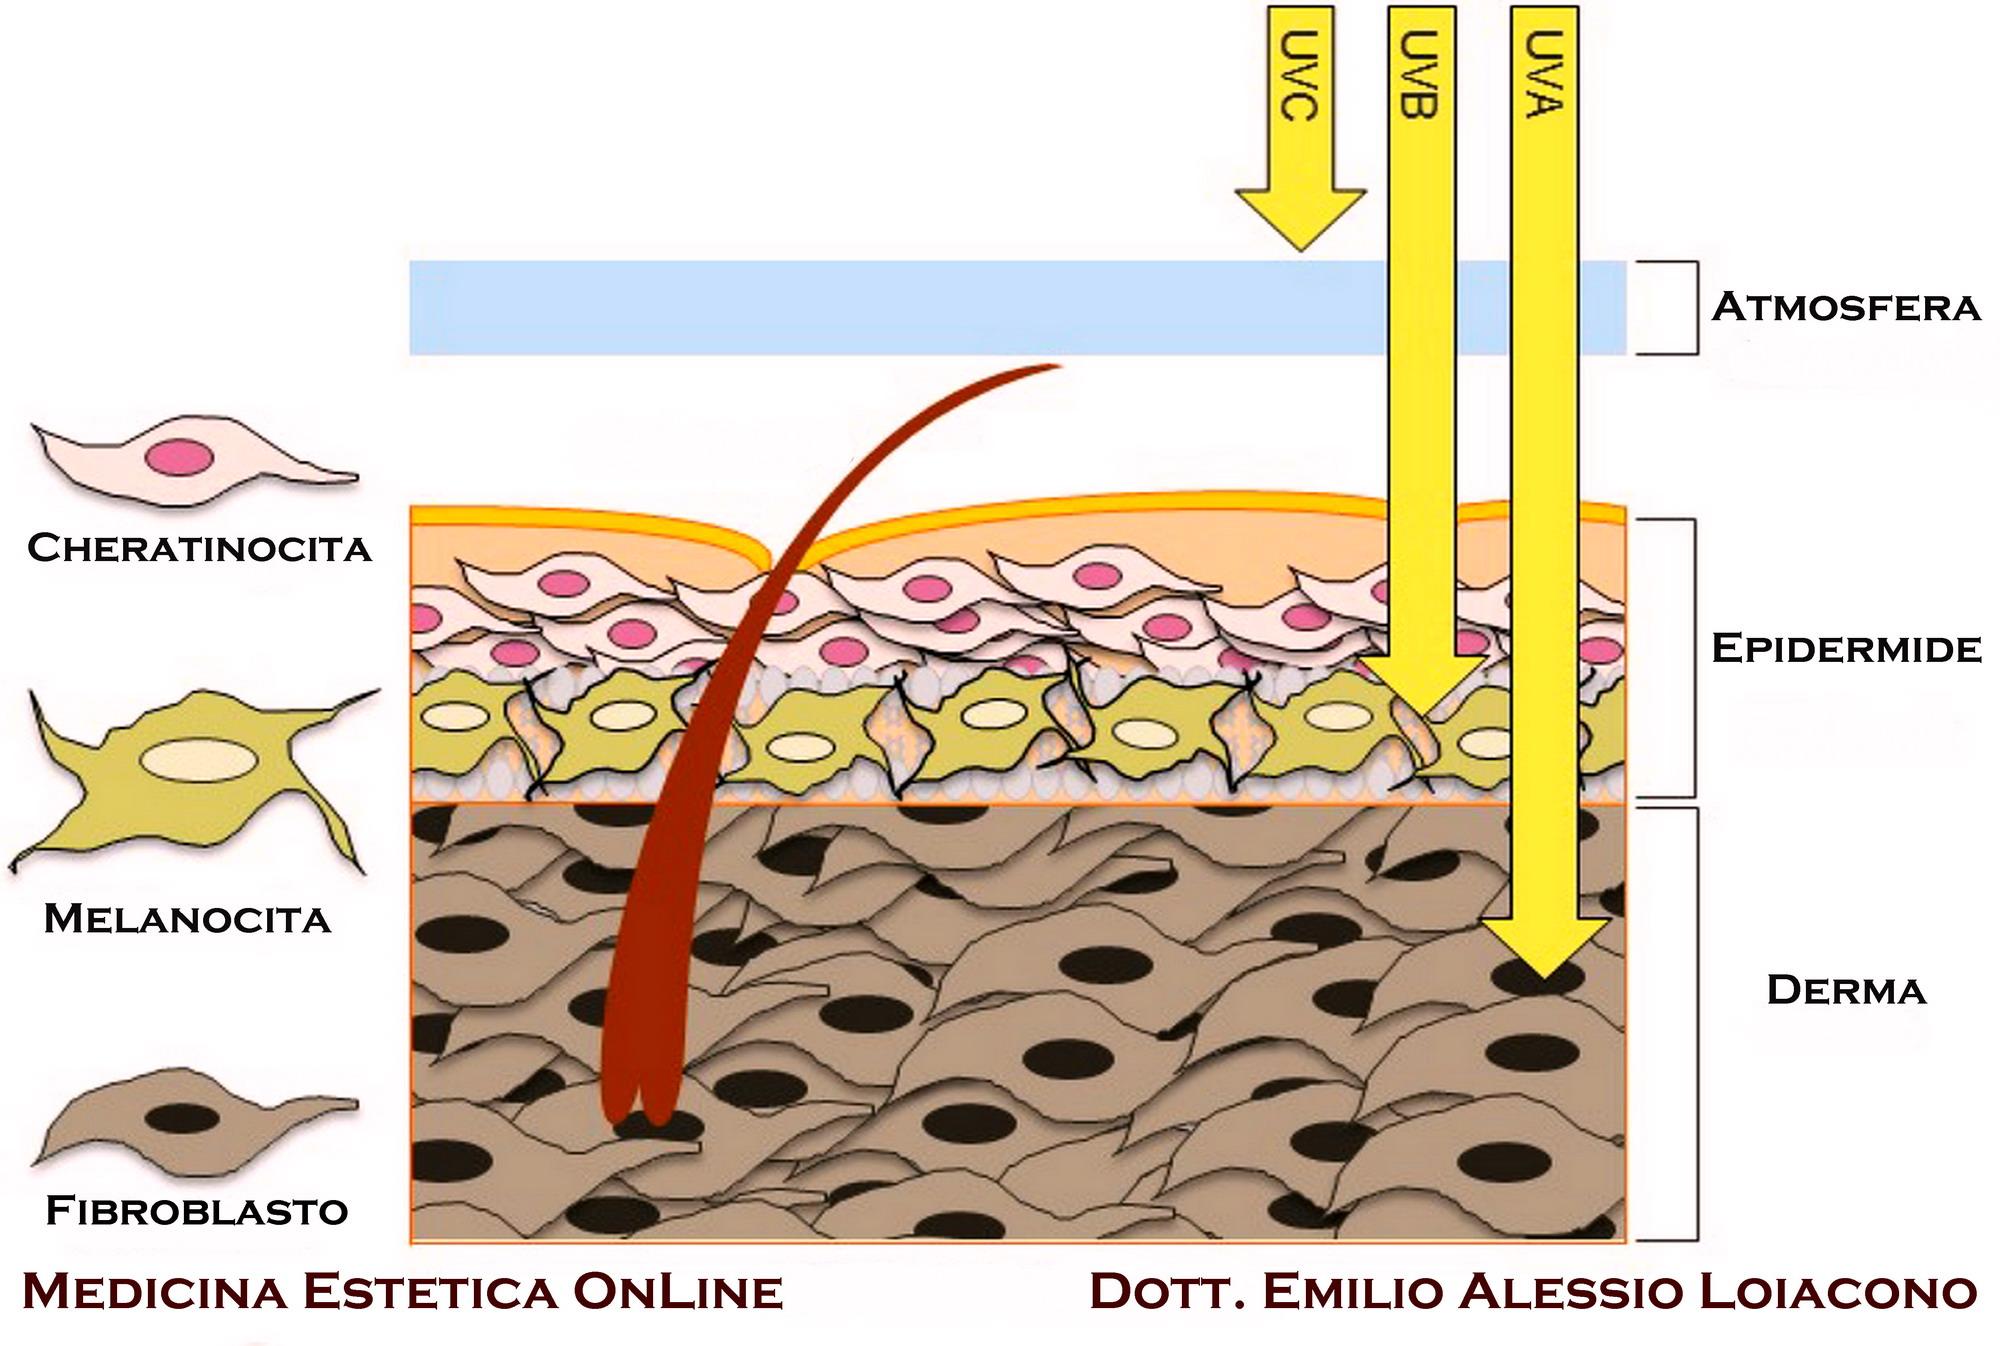 Coxarthrosis di reparto lombare e sacrale di un trattamento di spina dorsale